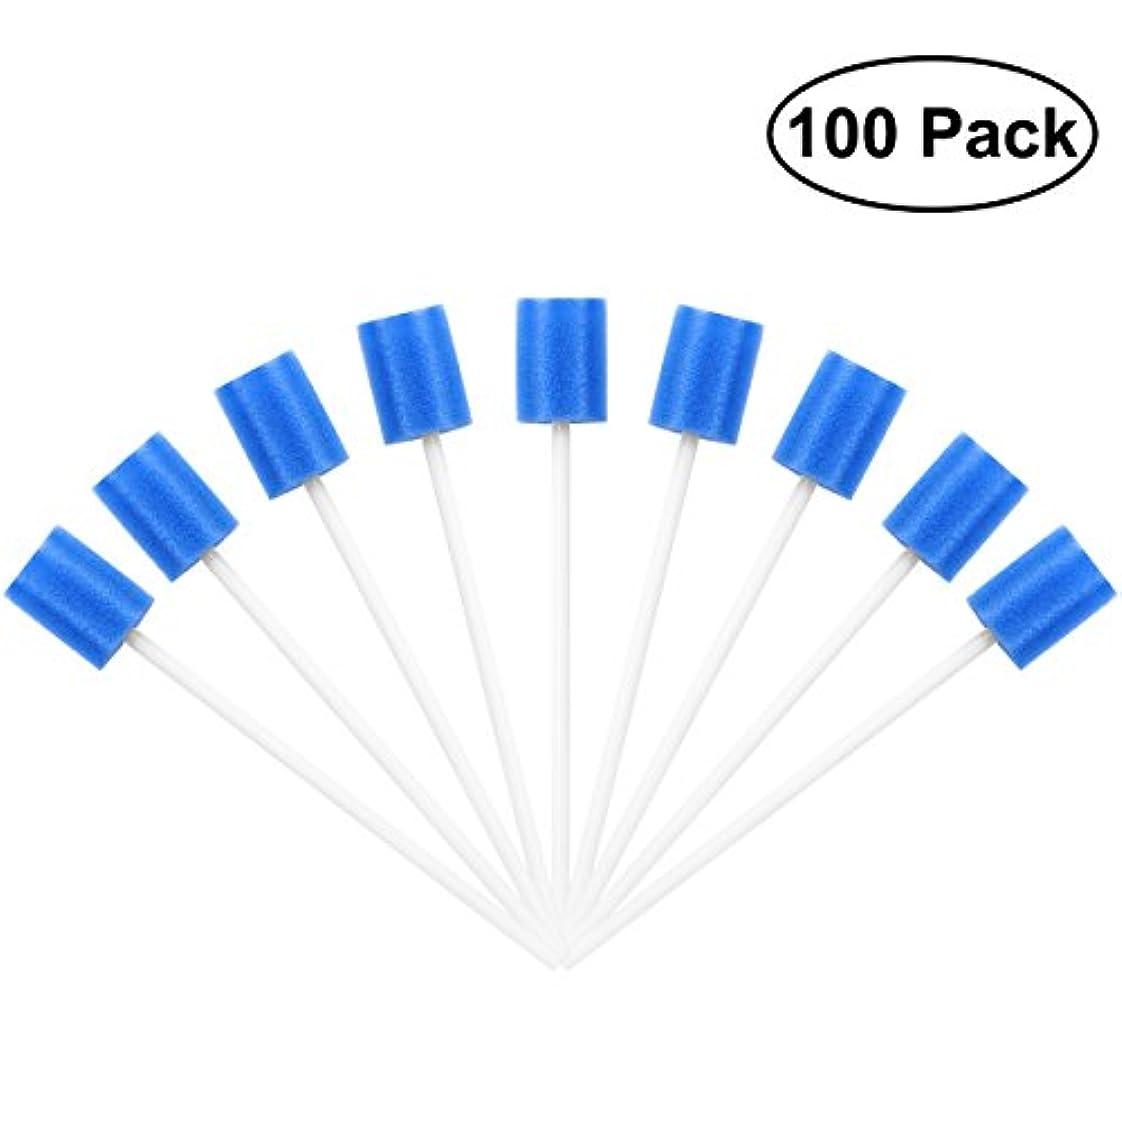 明日書士信念ROSENICE Mouth Sponges Dental Swabs 100Pcs Disposable Oral Care Swabs (Blue)